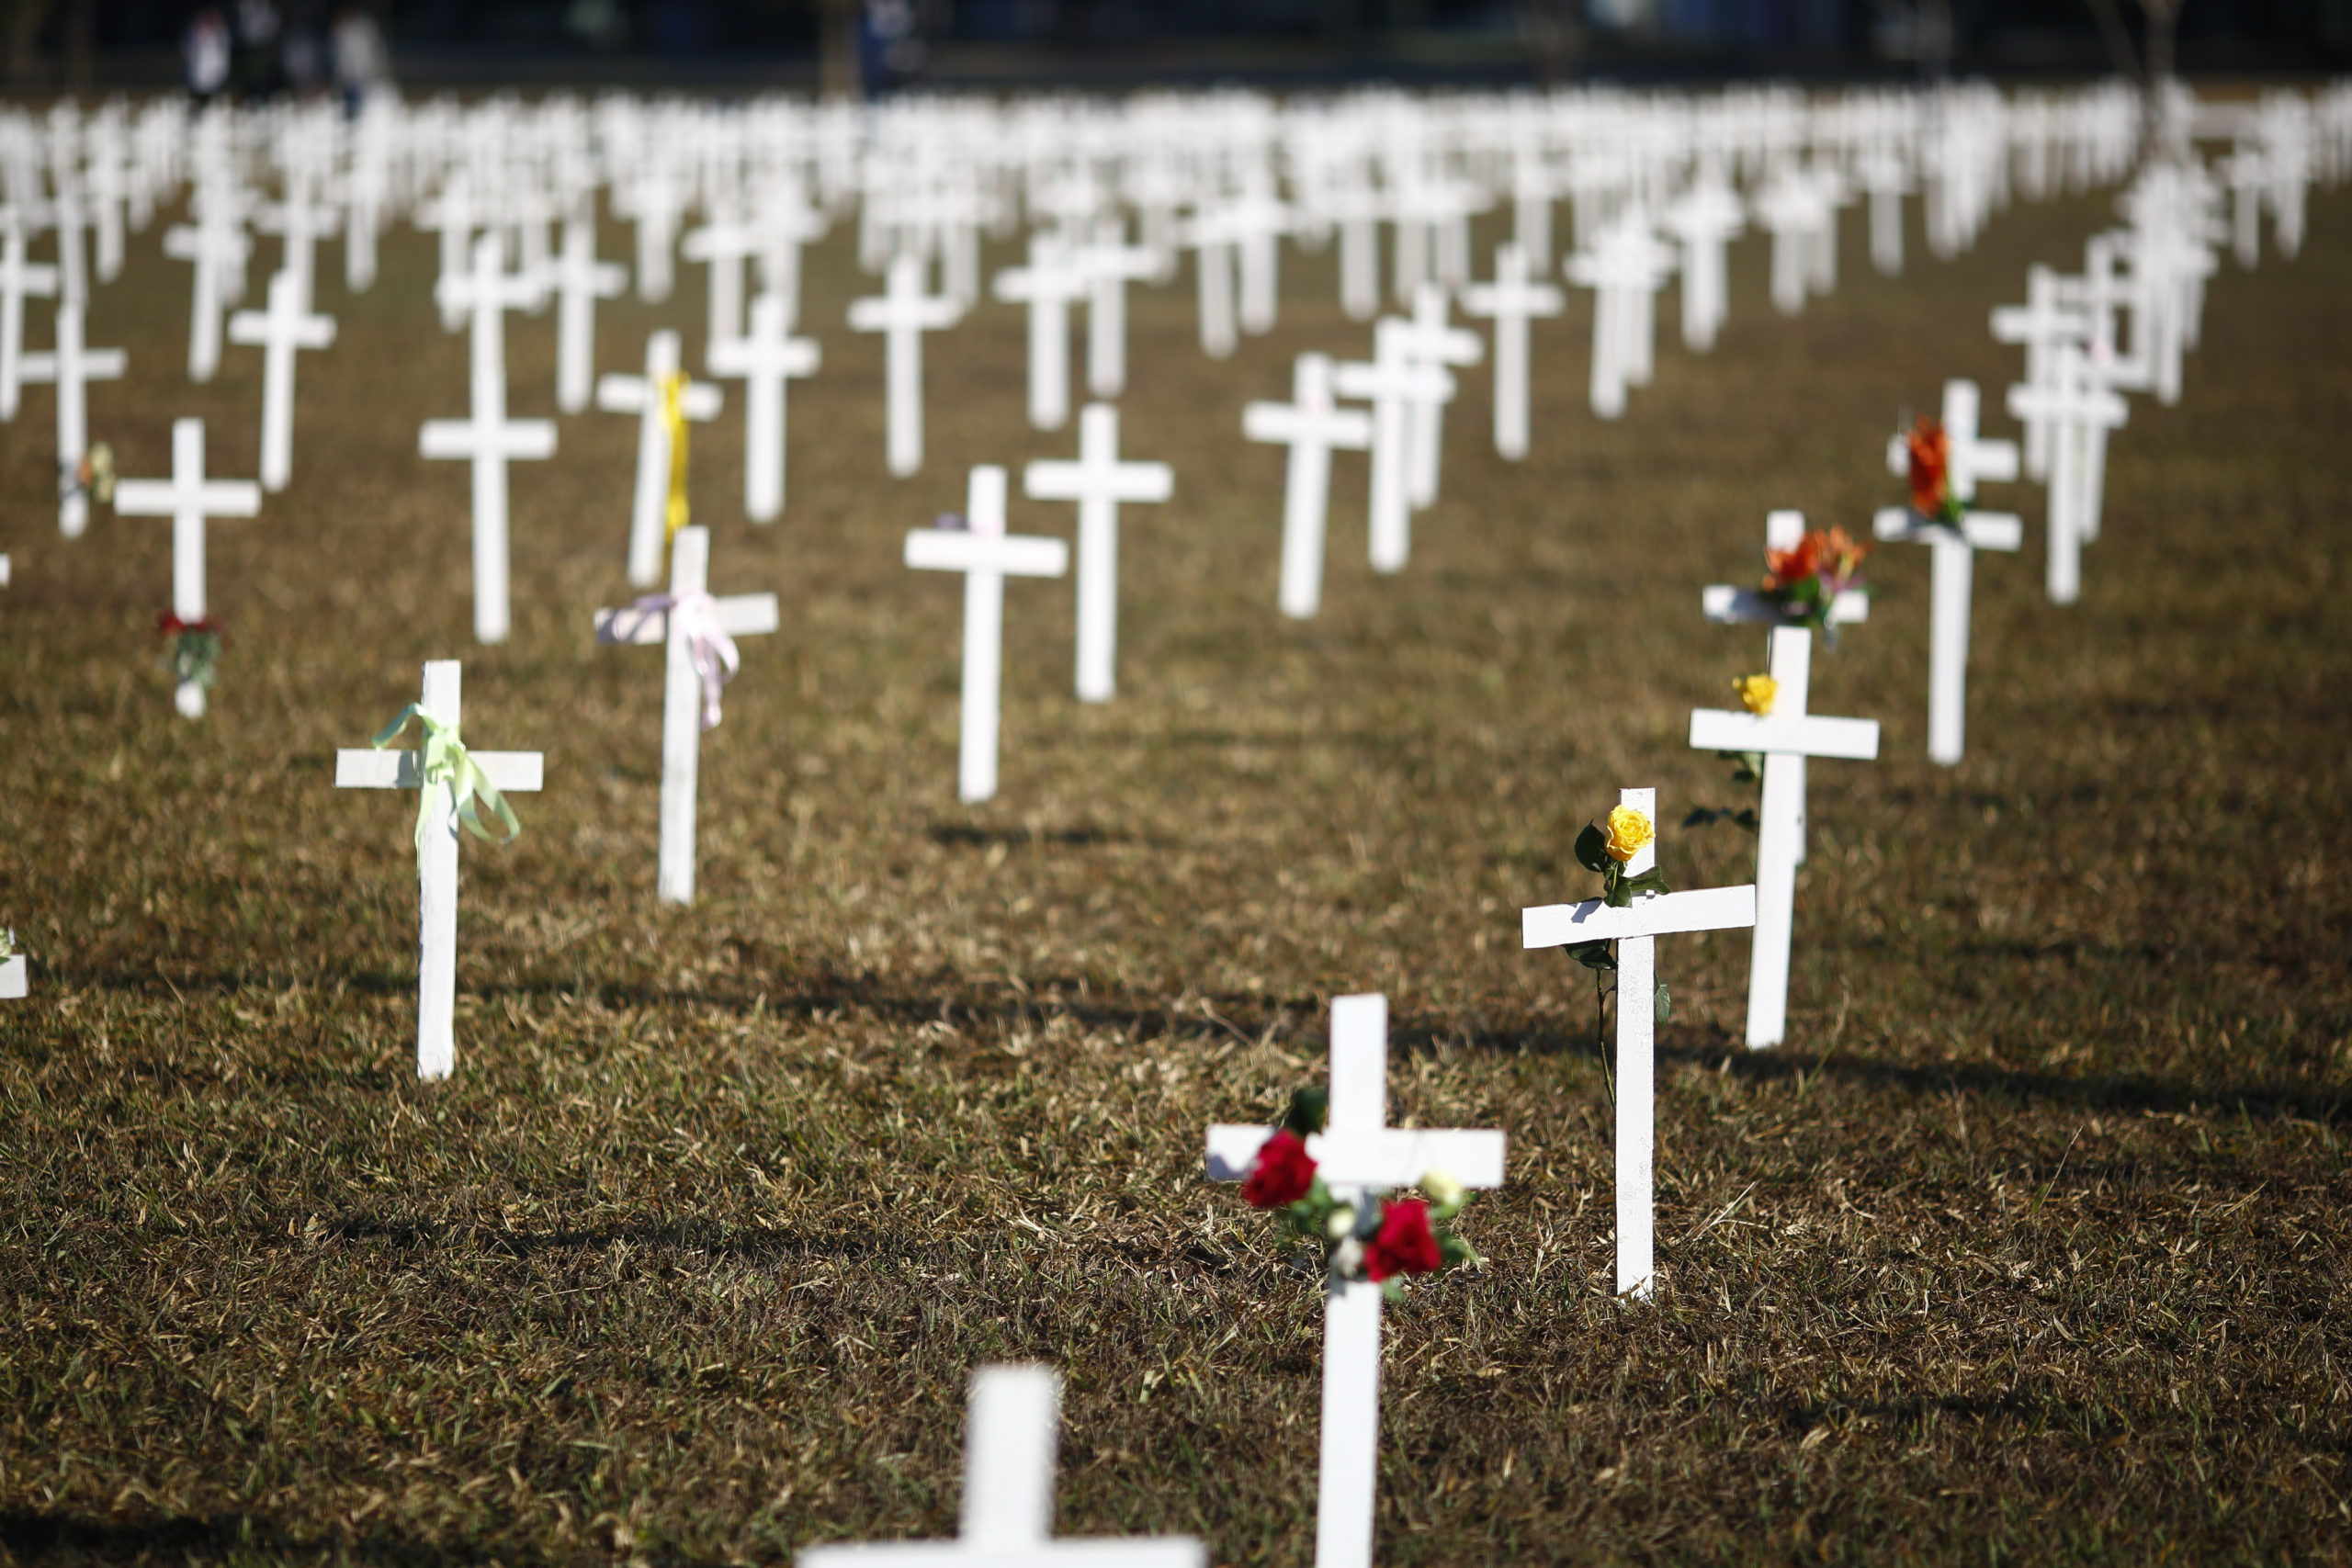 Tragédia: OMS diz que número de mortes por COVID é duas ou três vezes maior que o apresentado